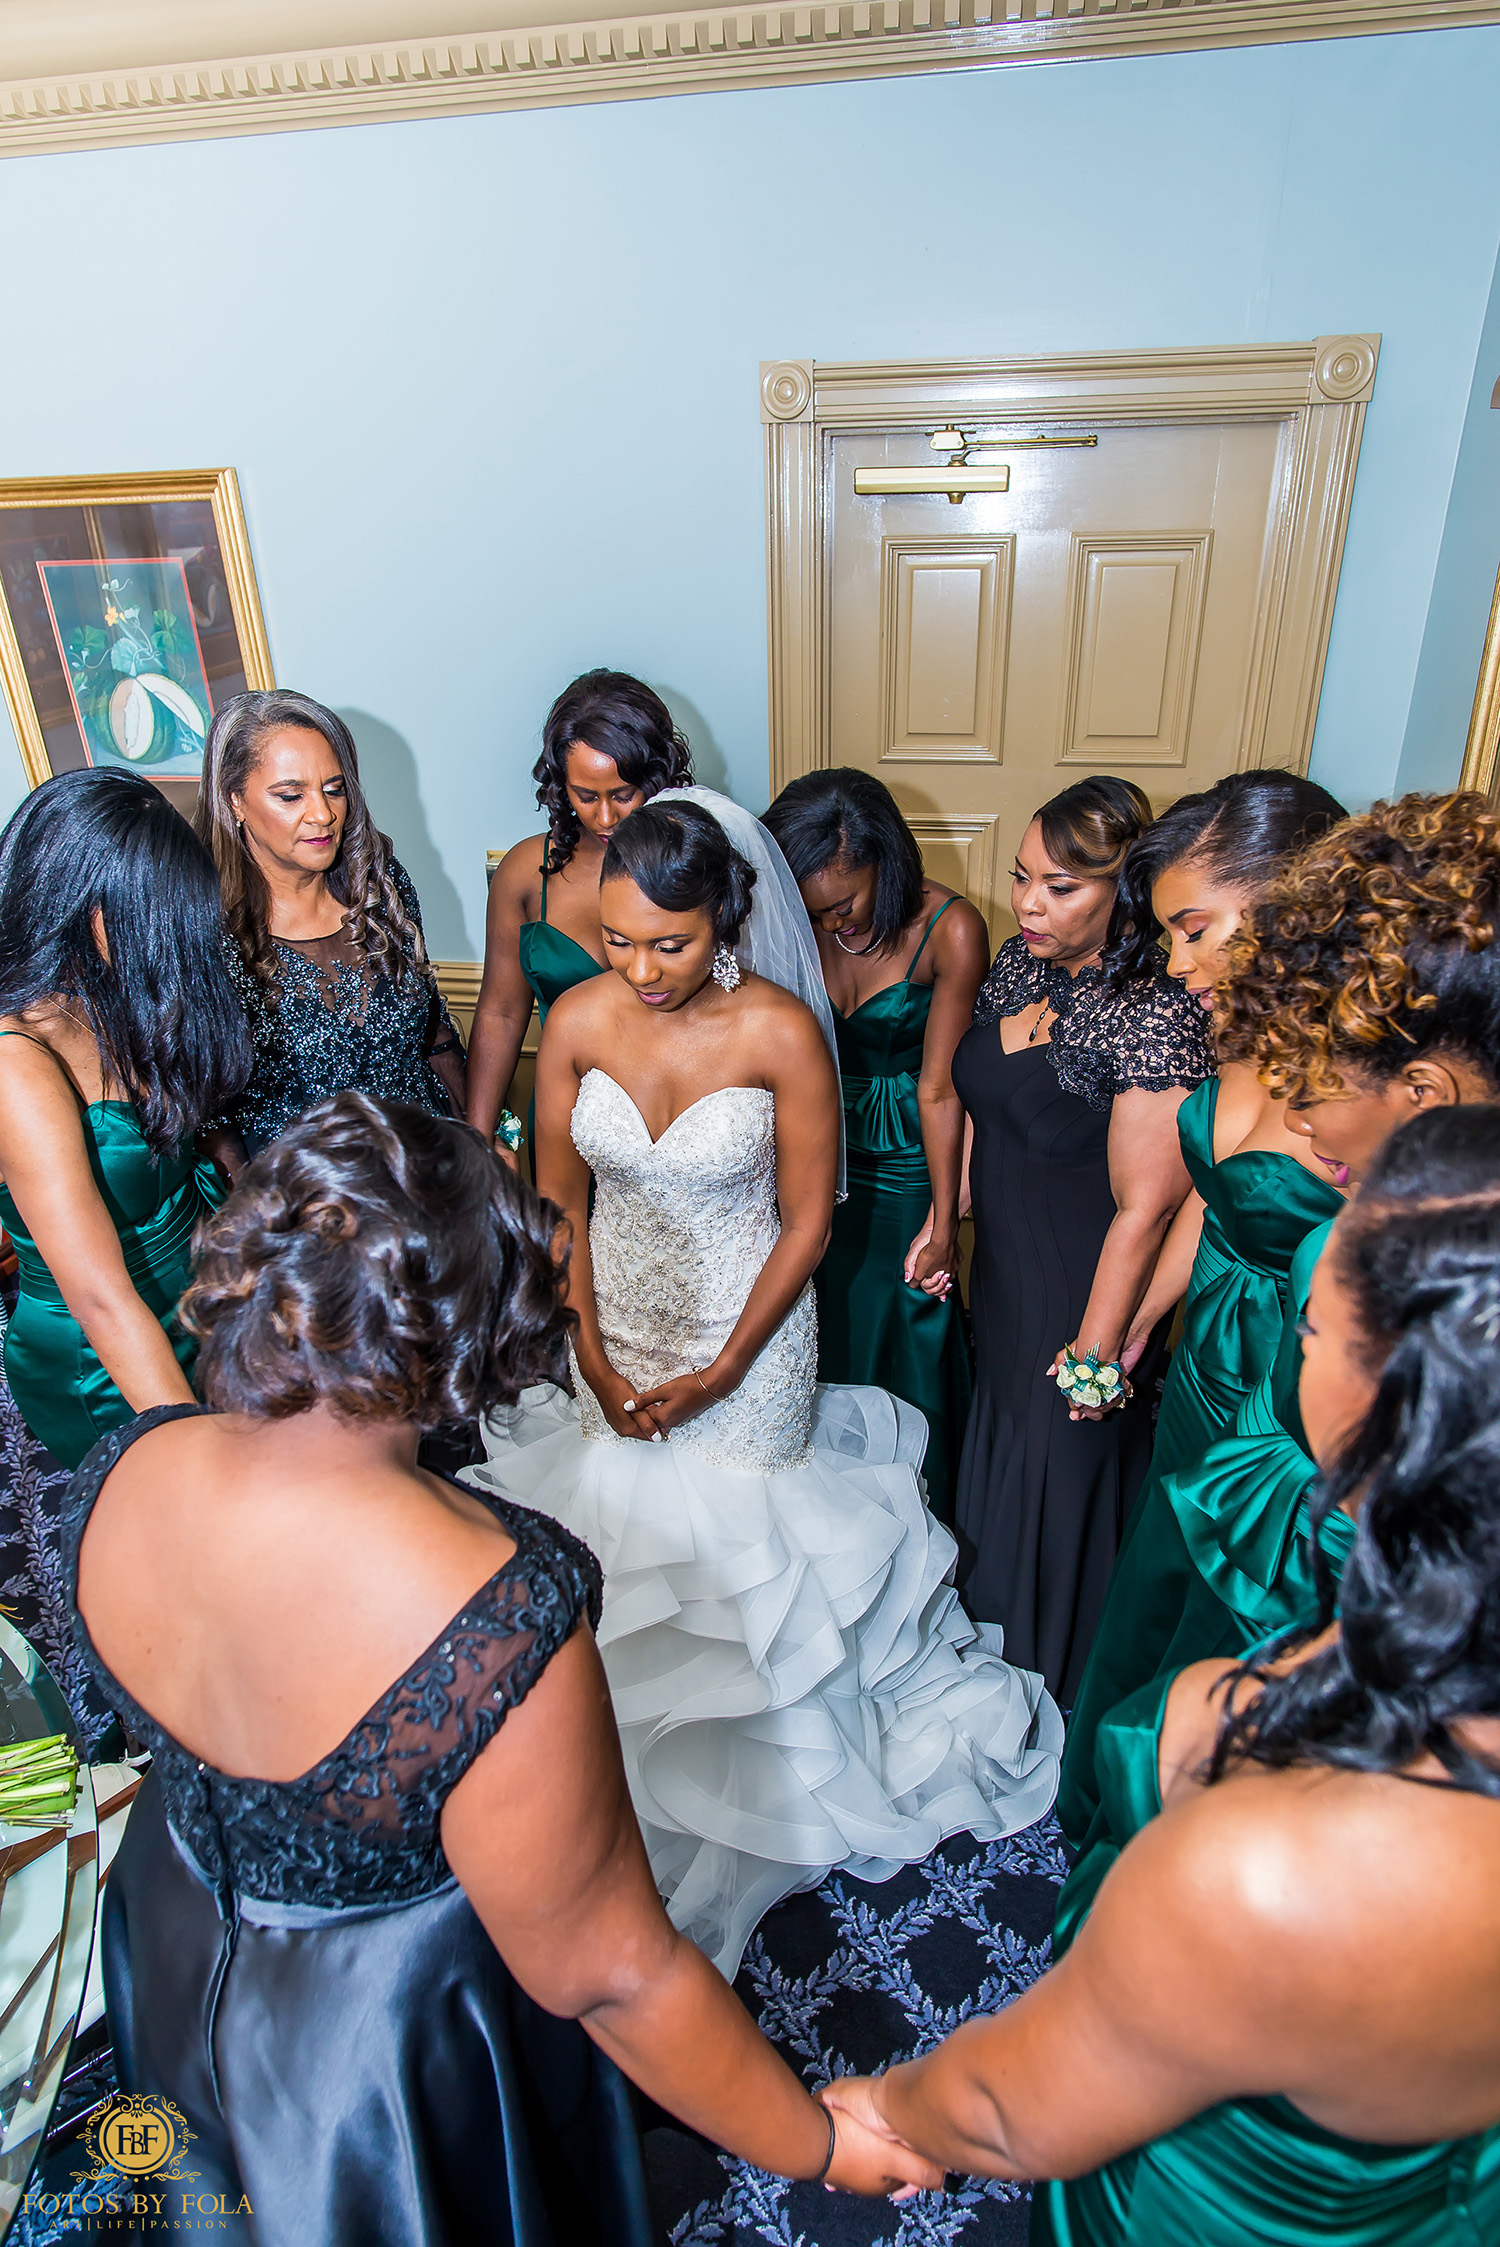 12. Fotos by Fola | Atlanta Wedding Photographer | Peachtree Club Wedding